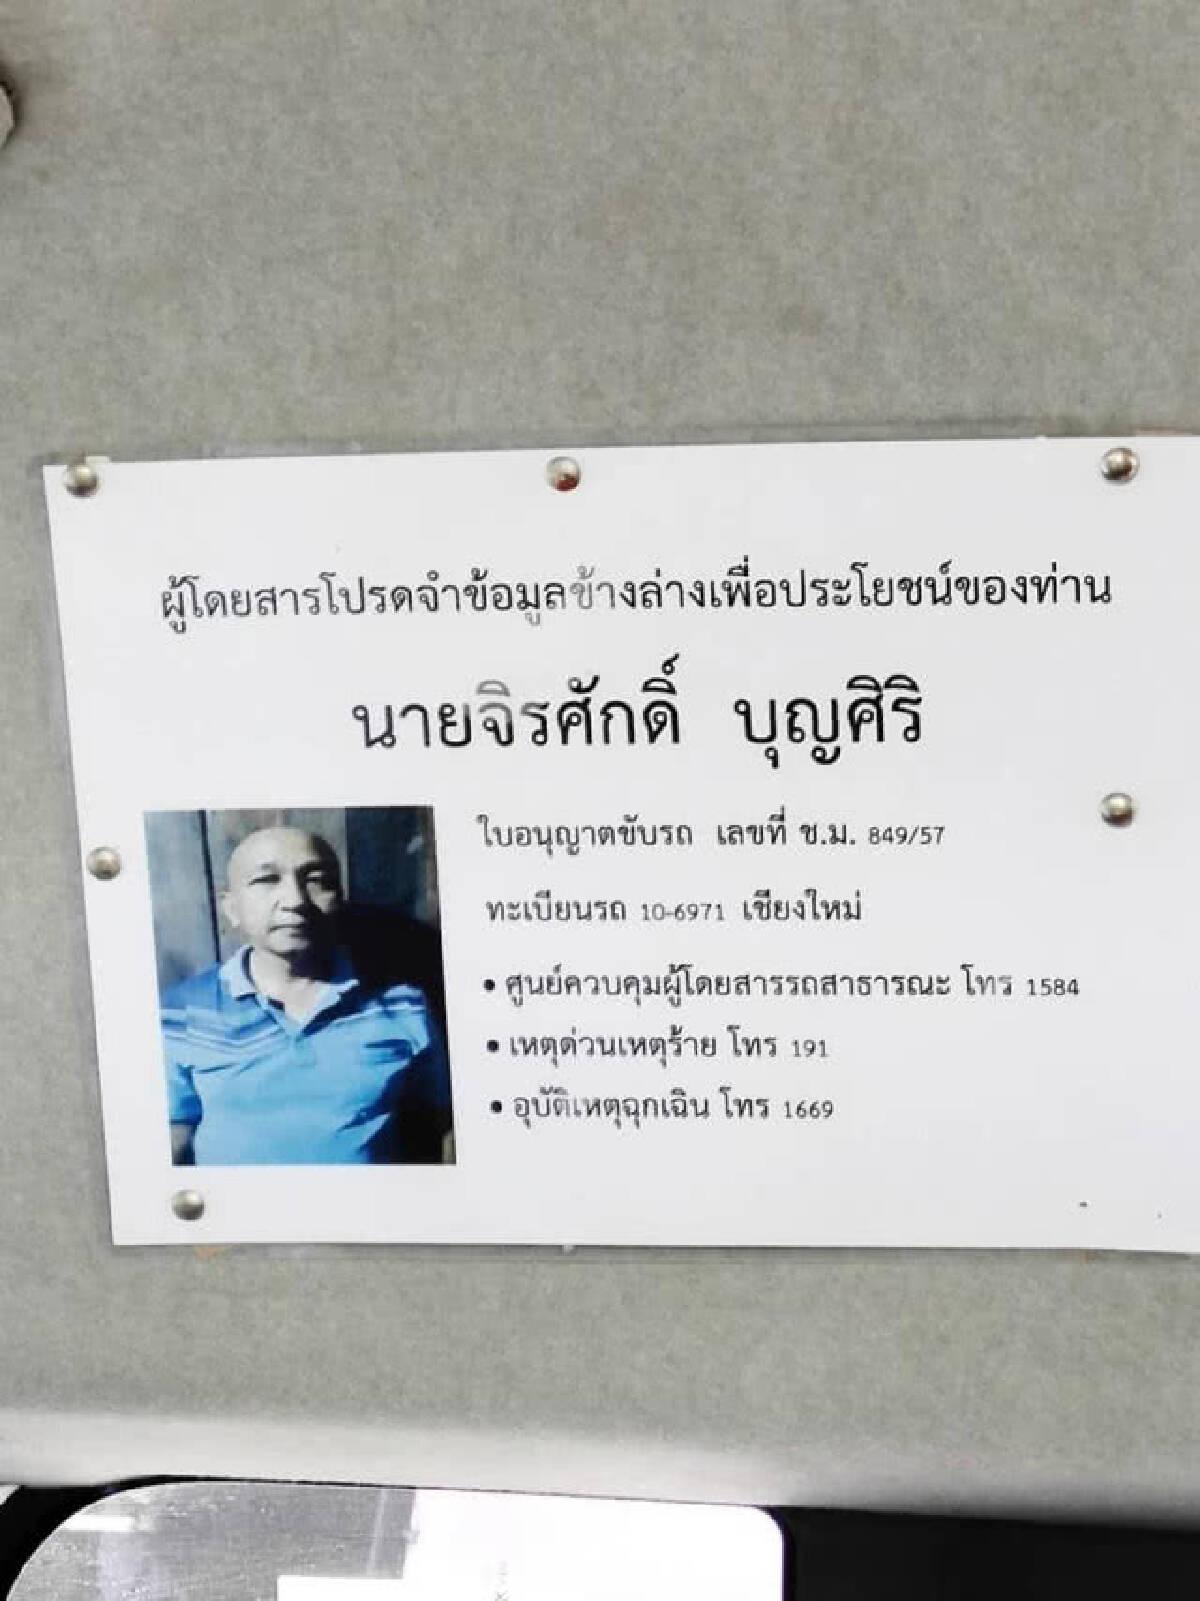 จัดการด่วน ! รถตู้แม่กำปอง ยัดคนเกิน 13 ที่นั่ง ฝรั่งงง ขนส่งไทยสุดอันตราย  (ชมคลิป)